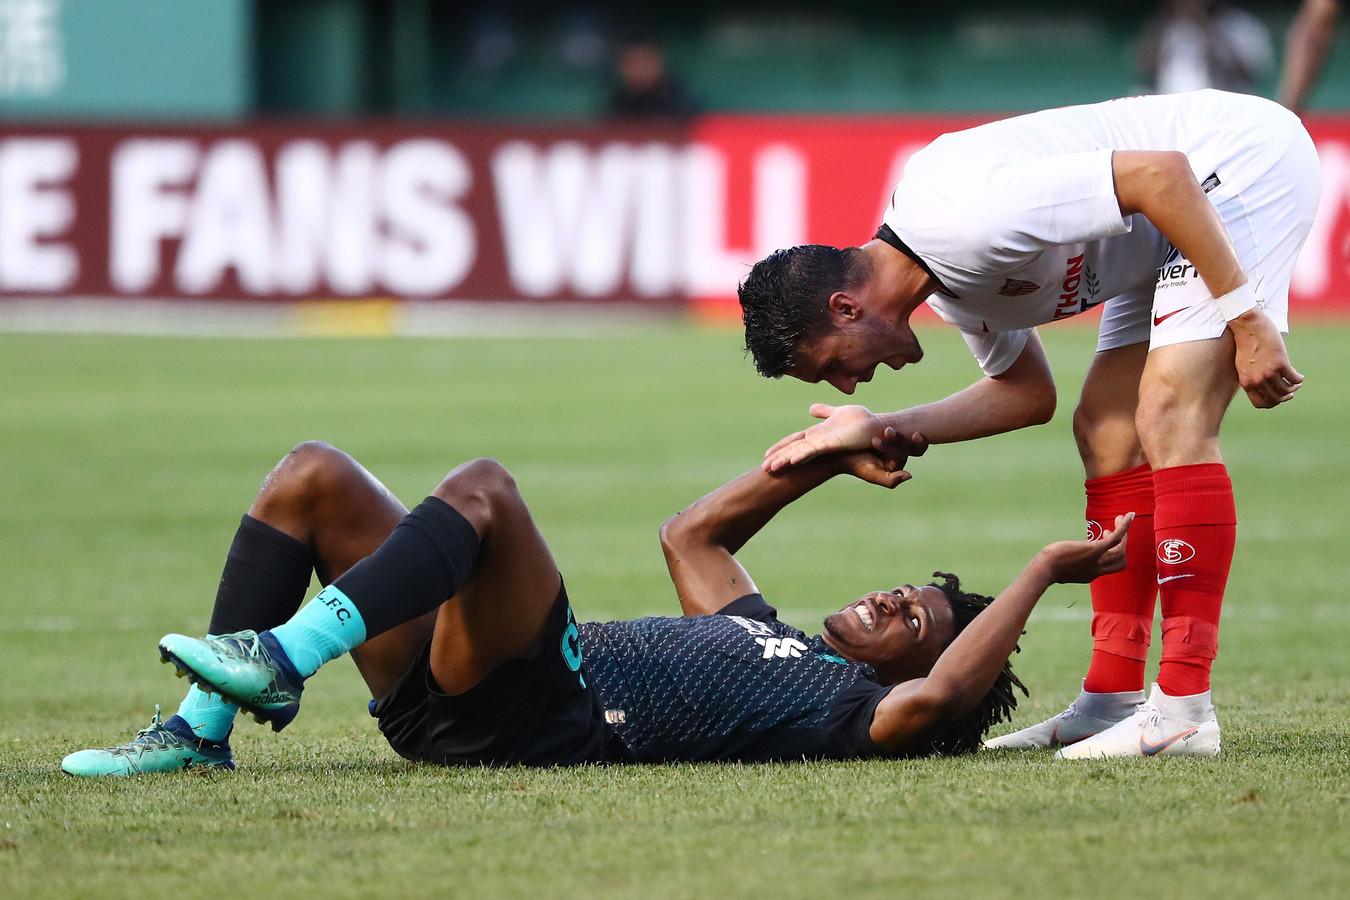 Yasser Larouci ligt kermend van de pijn op de grond.